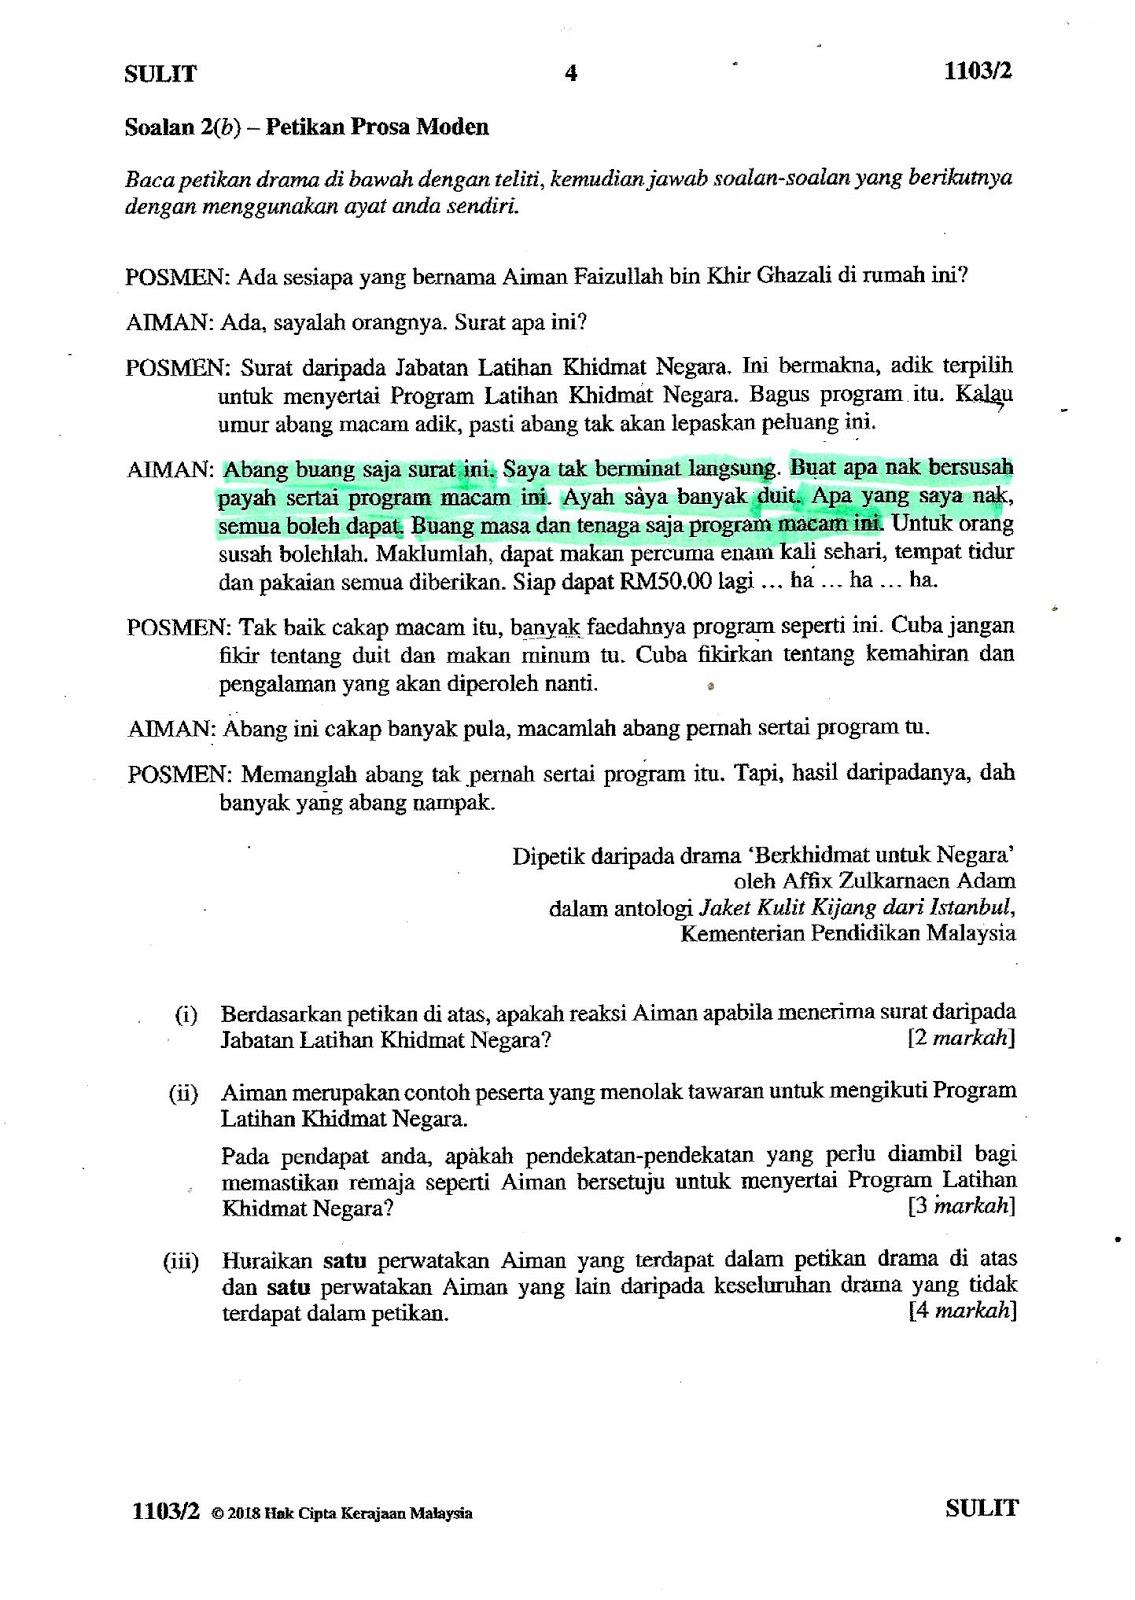 Laman Bahasa Melayu Spm Soalan Kertas 2 Bahasa Melayu Spm 2018 Soalan Pemahaman Komsas Soalan 2 B Prosa Moden